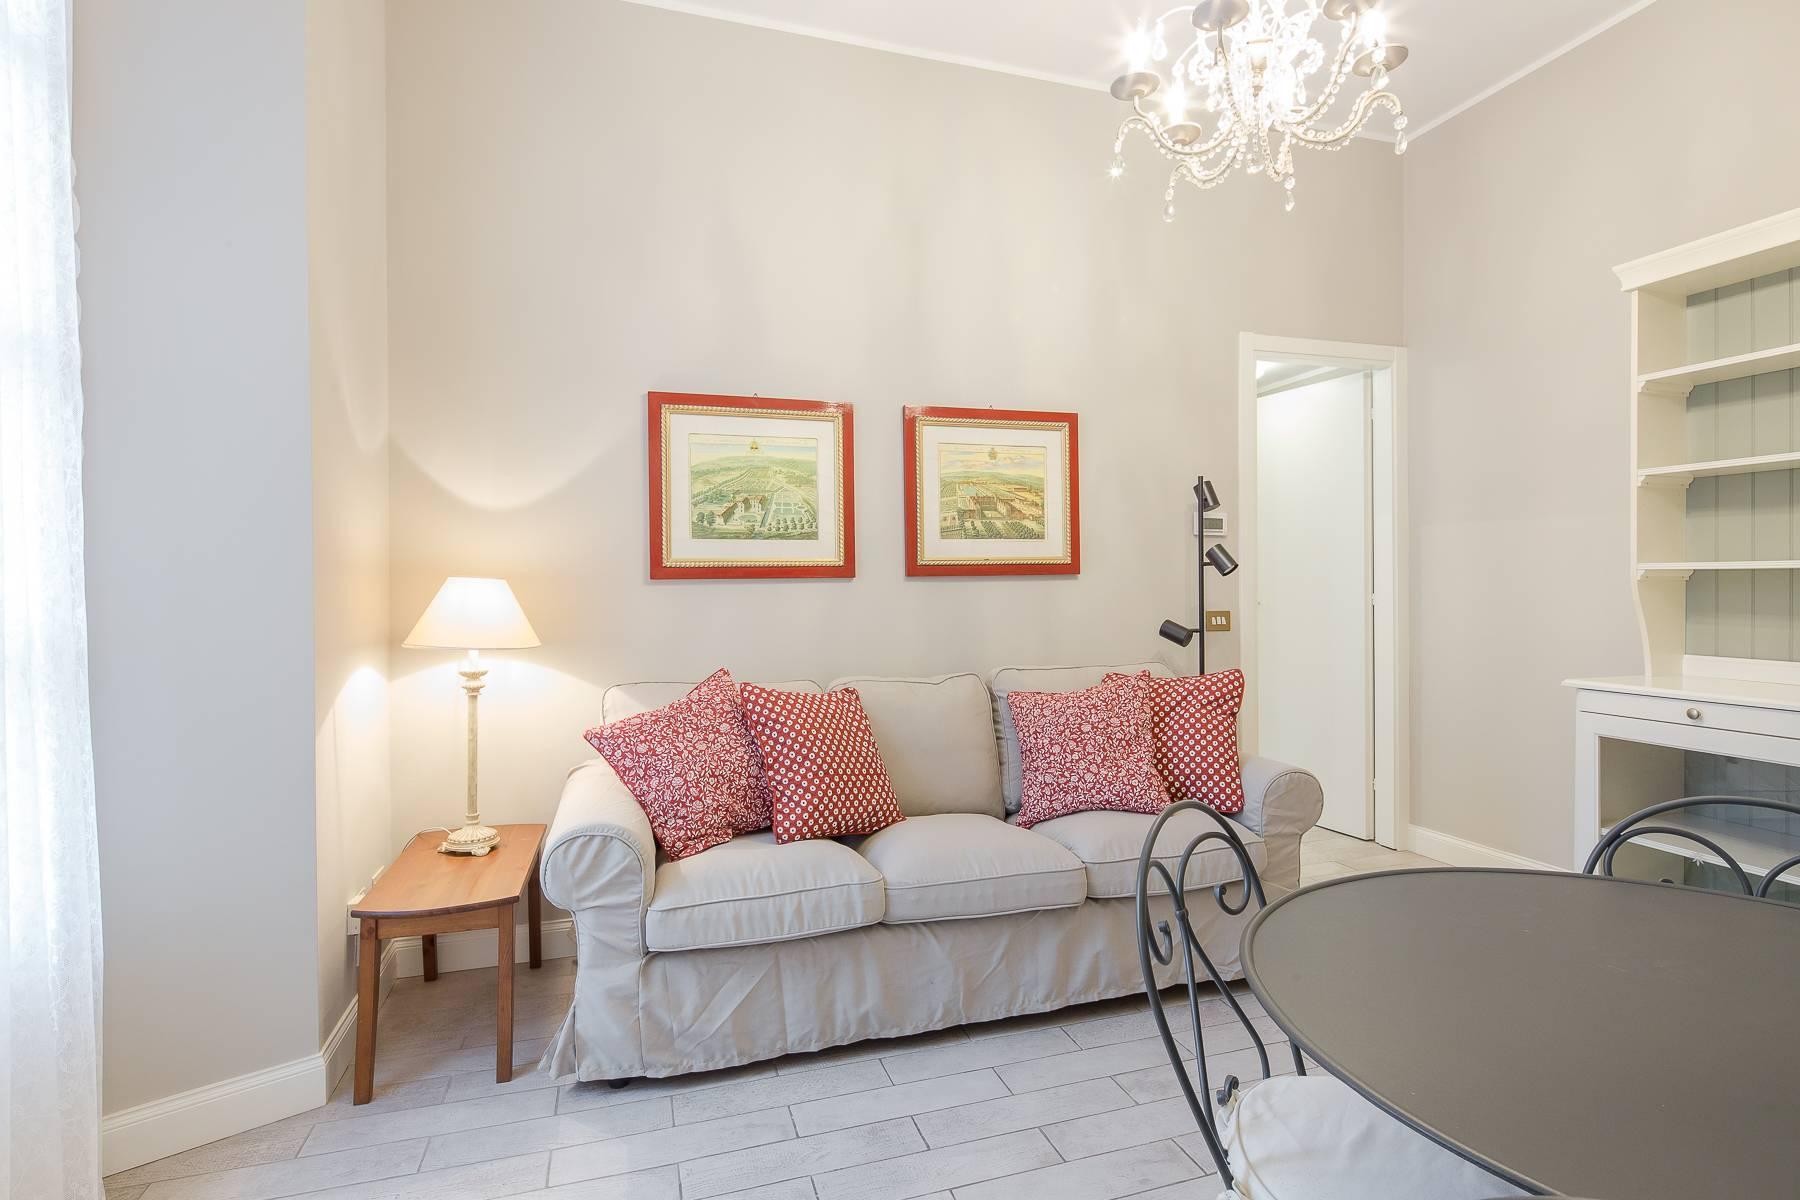 Appartamento in Affitto a Milano: 2 locali, 48 mq - Foto 5